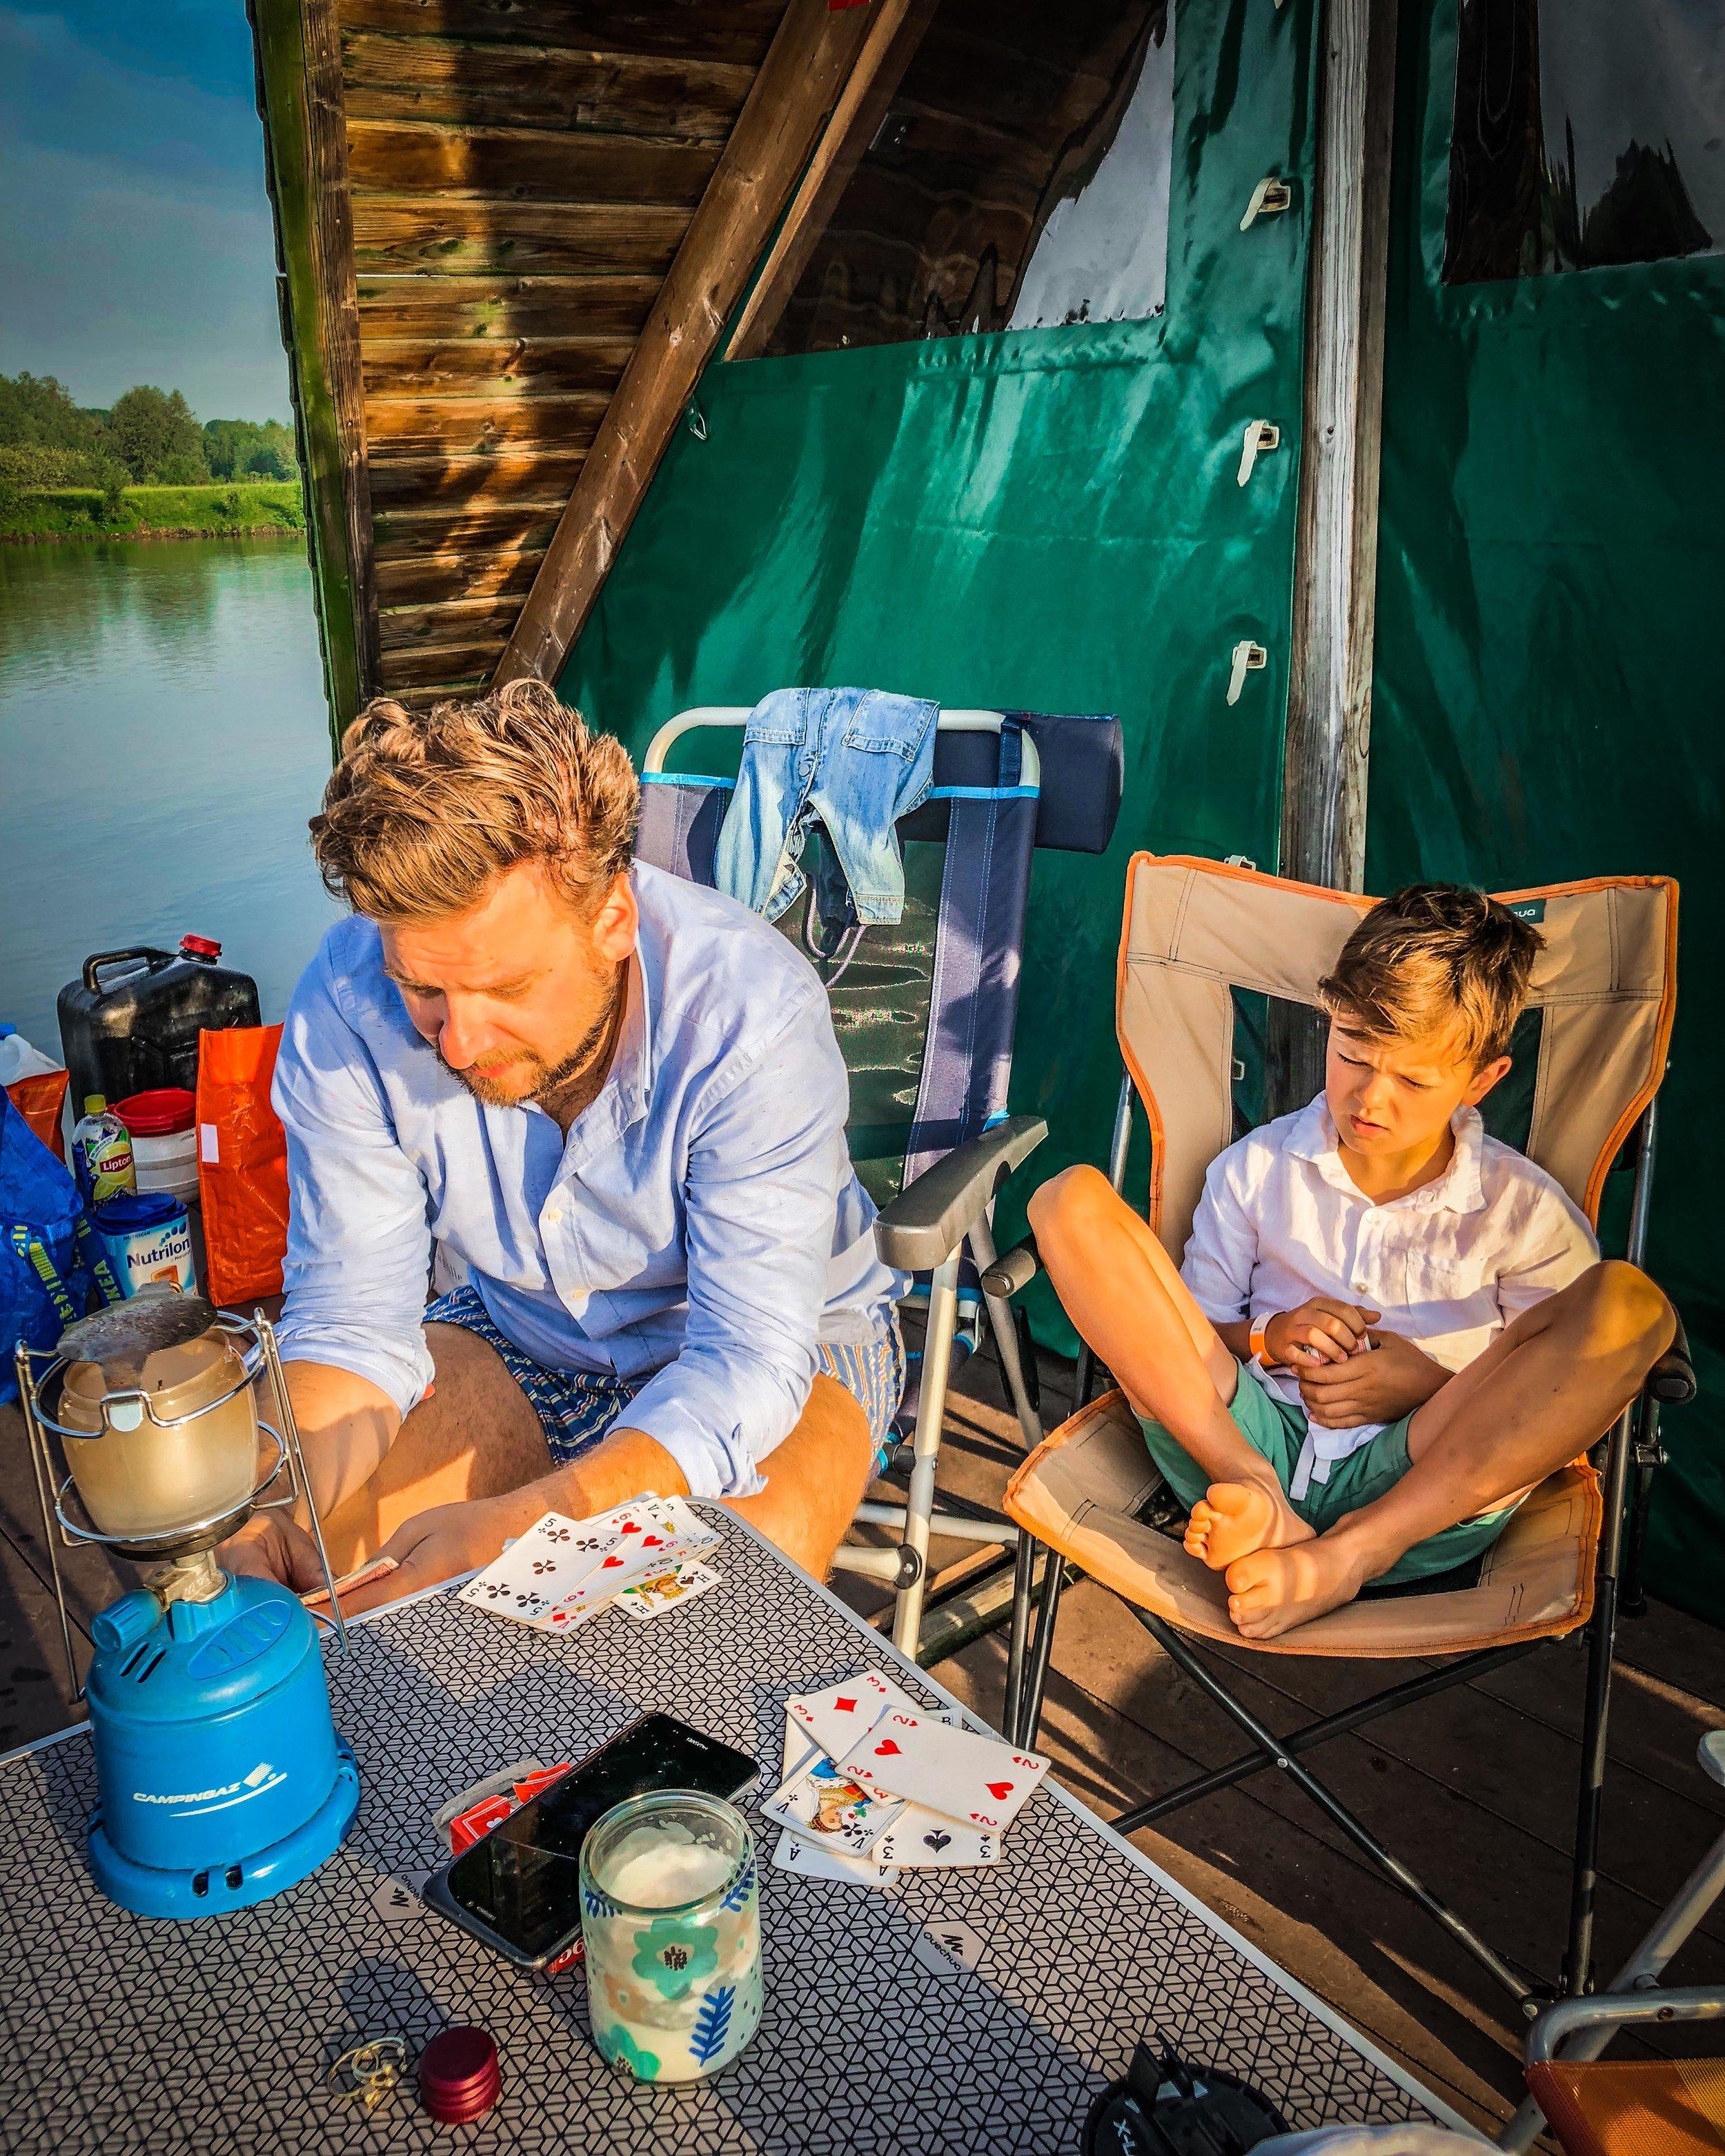 gezelschapsspelletje spelen op camping